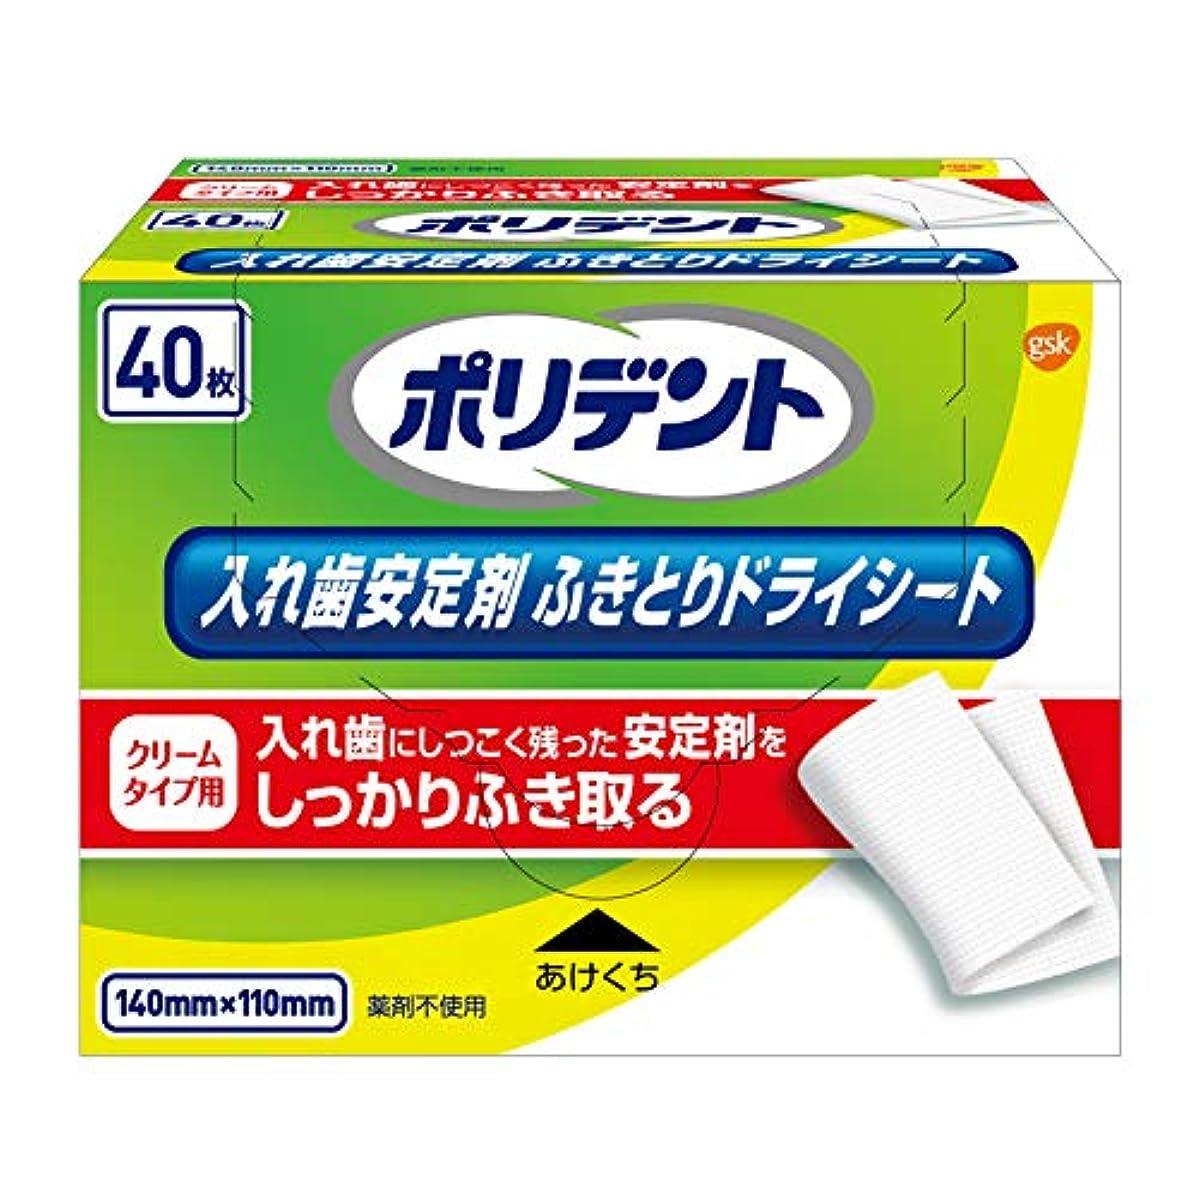 立証する北東チューリップポリデント 入れ歯安定剤ふきとりドライシート 40枚